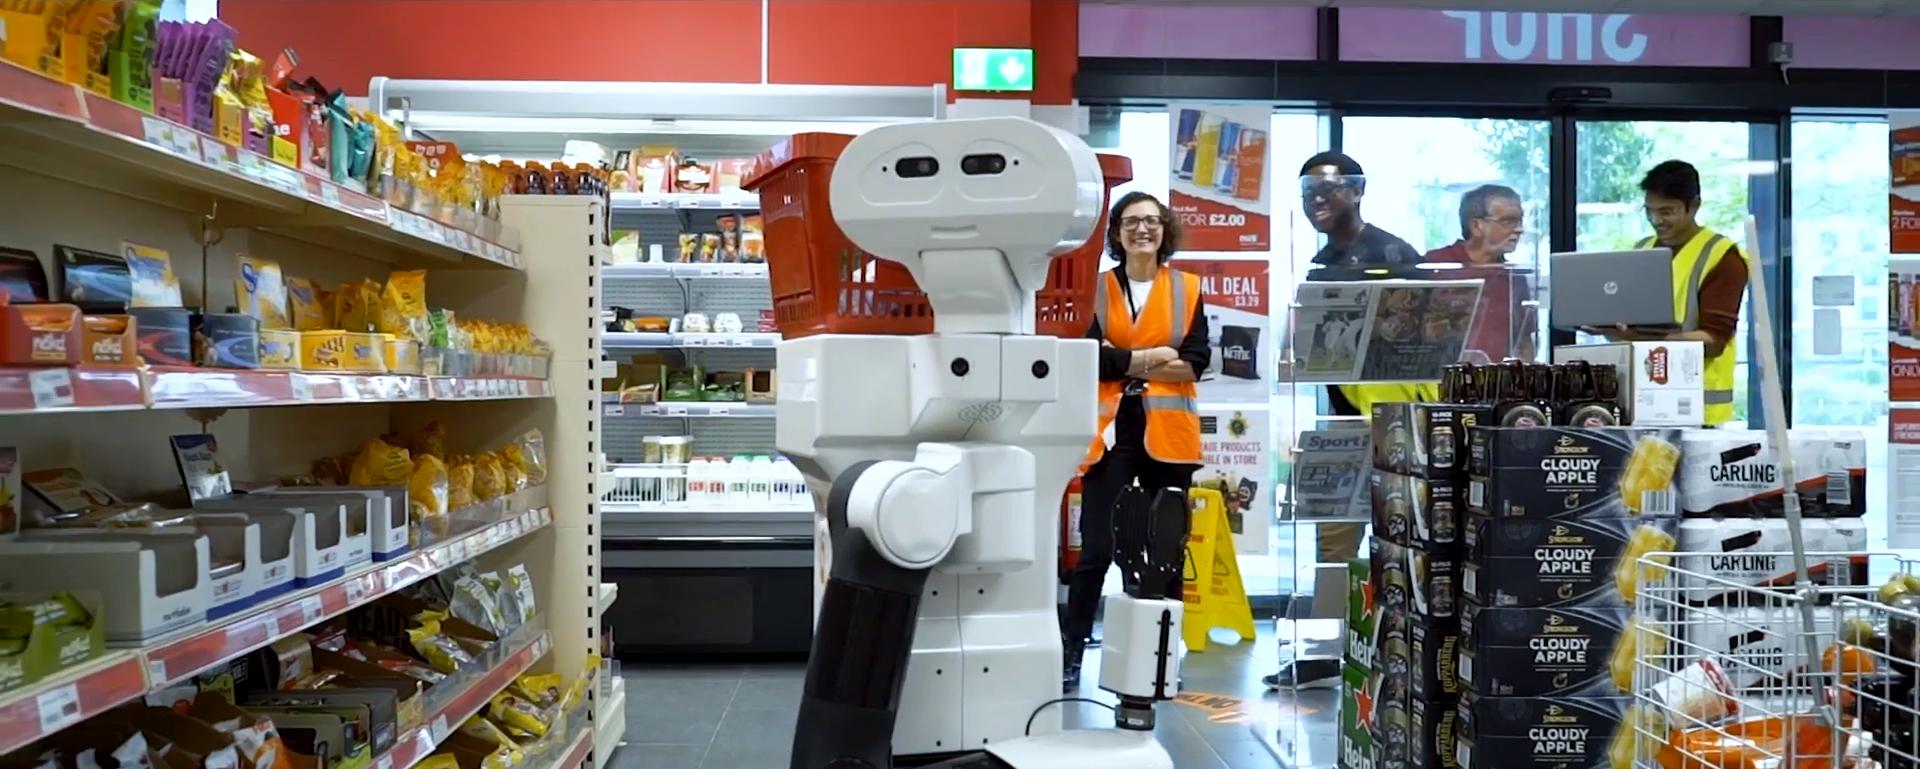 TIAGo-smart-cities-robot